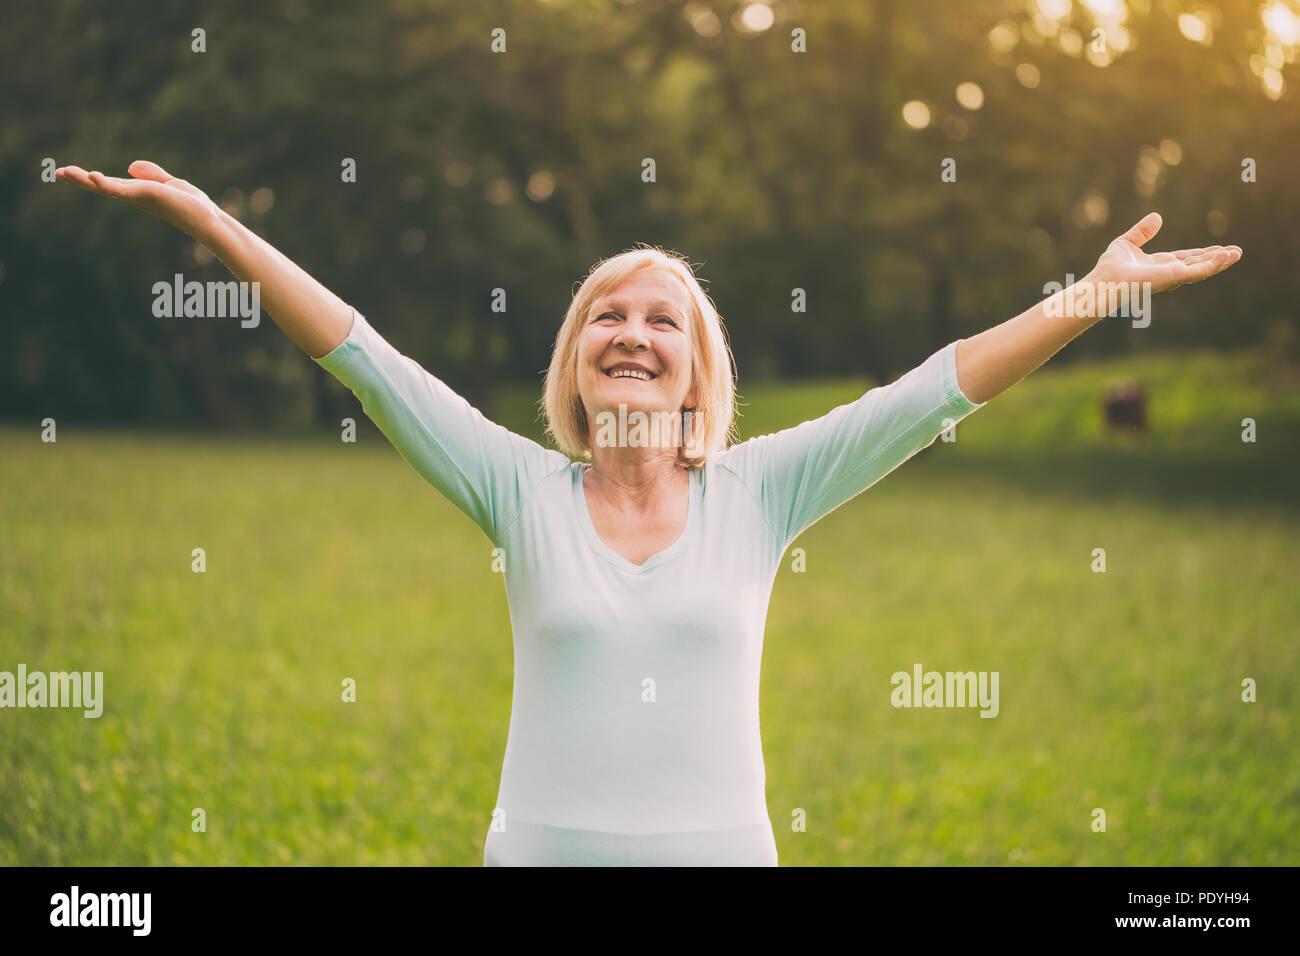 Senior mujer disfruta con sus brazos extendidos en la naturaleza.Imagen es intencionalmente tonificado. Imagen De Stock